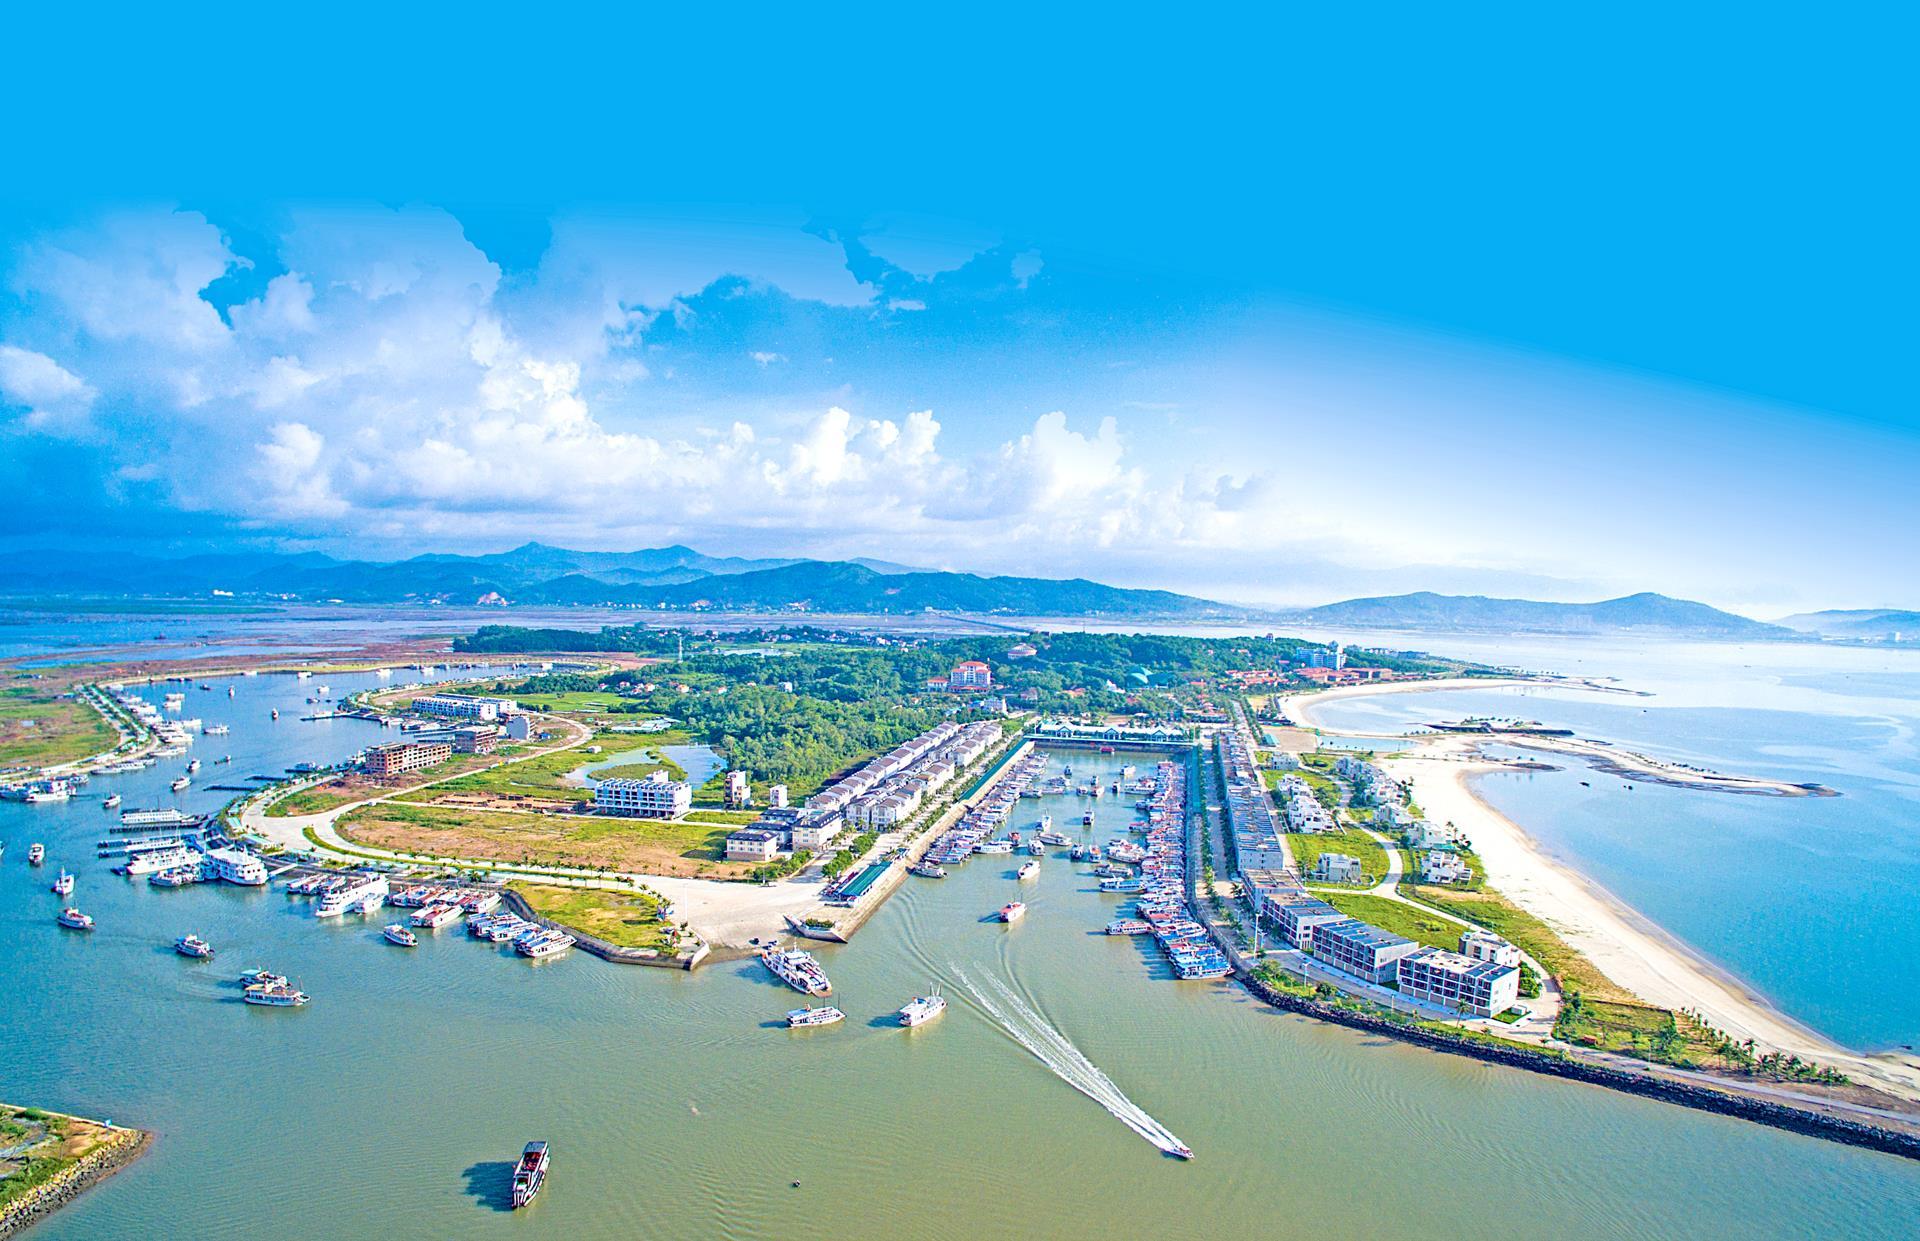 Cảng tàu khách quốc tế Tuần Châu: Một điểm đến nhiều tiện ích ảnh 1